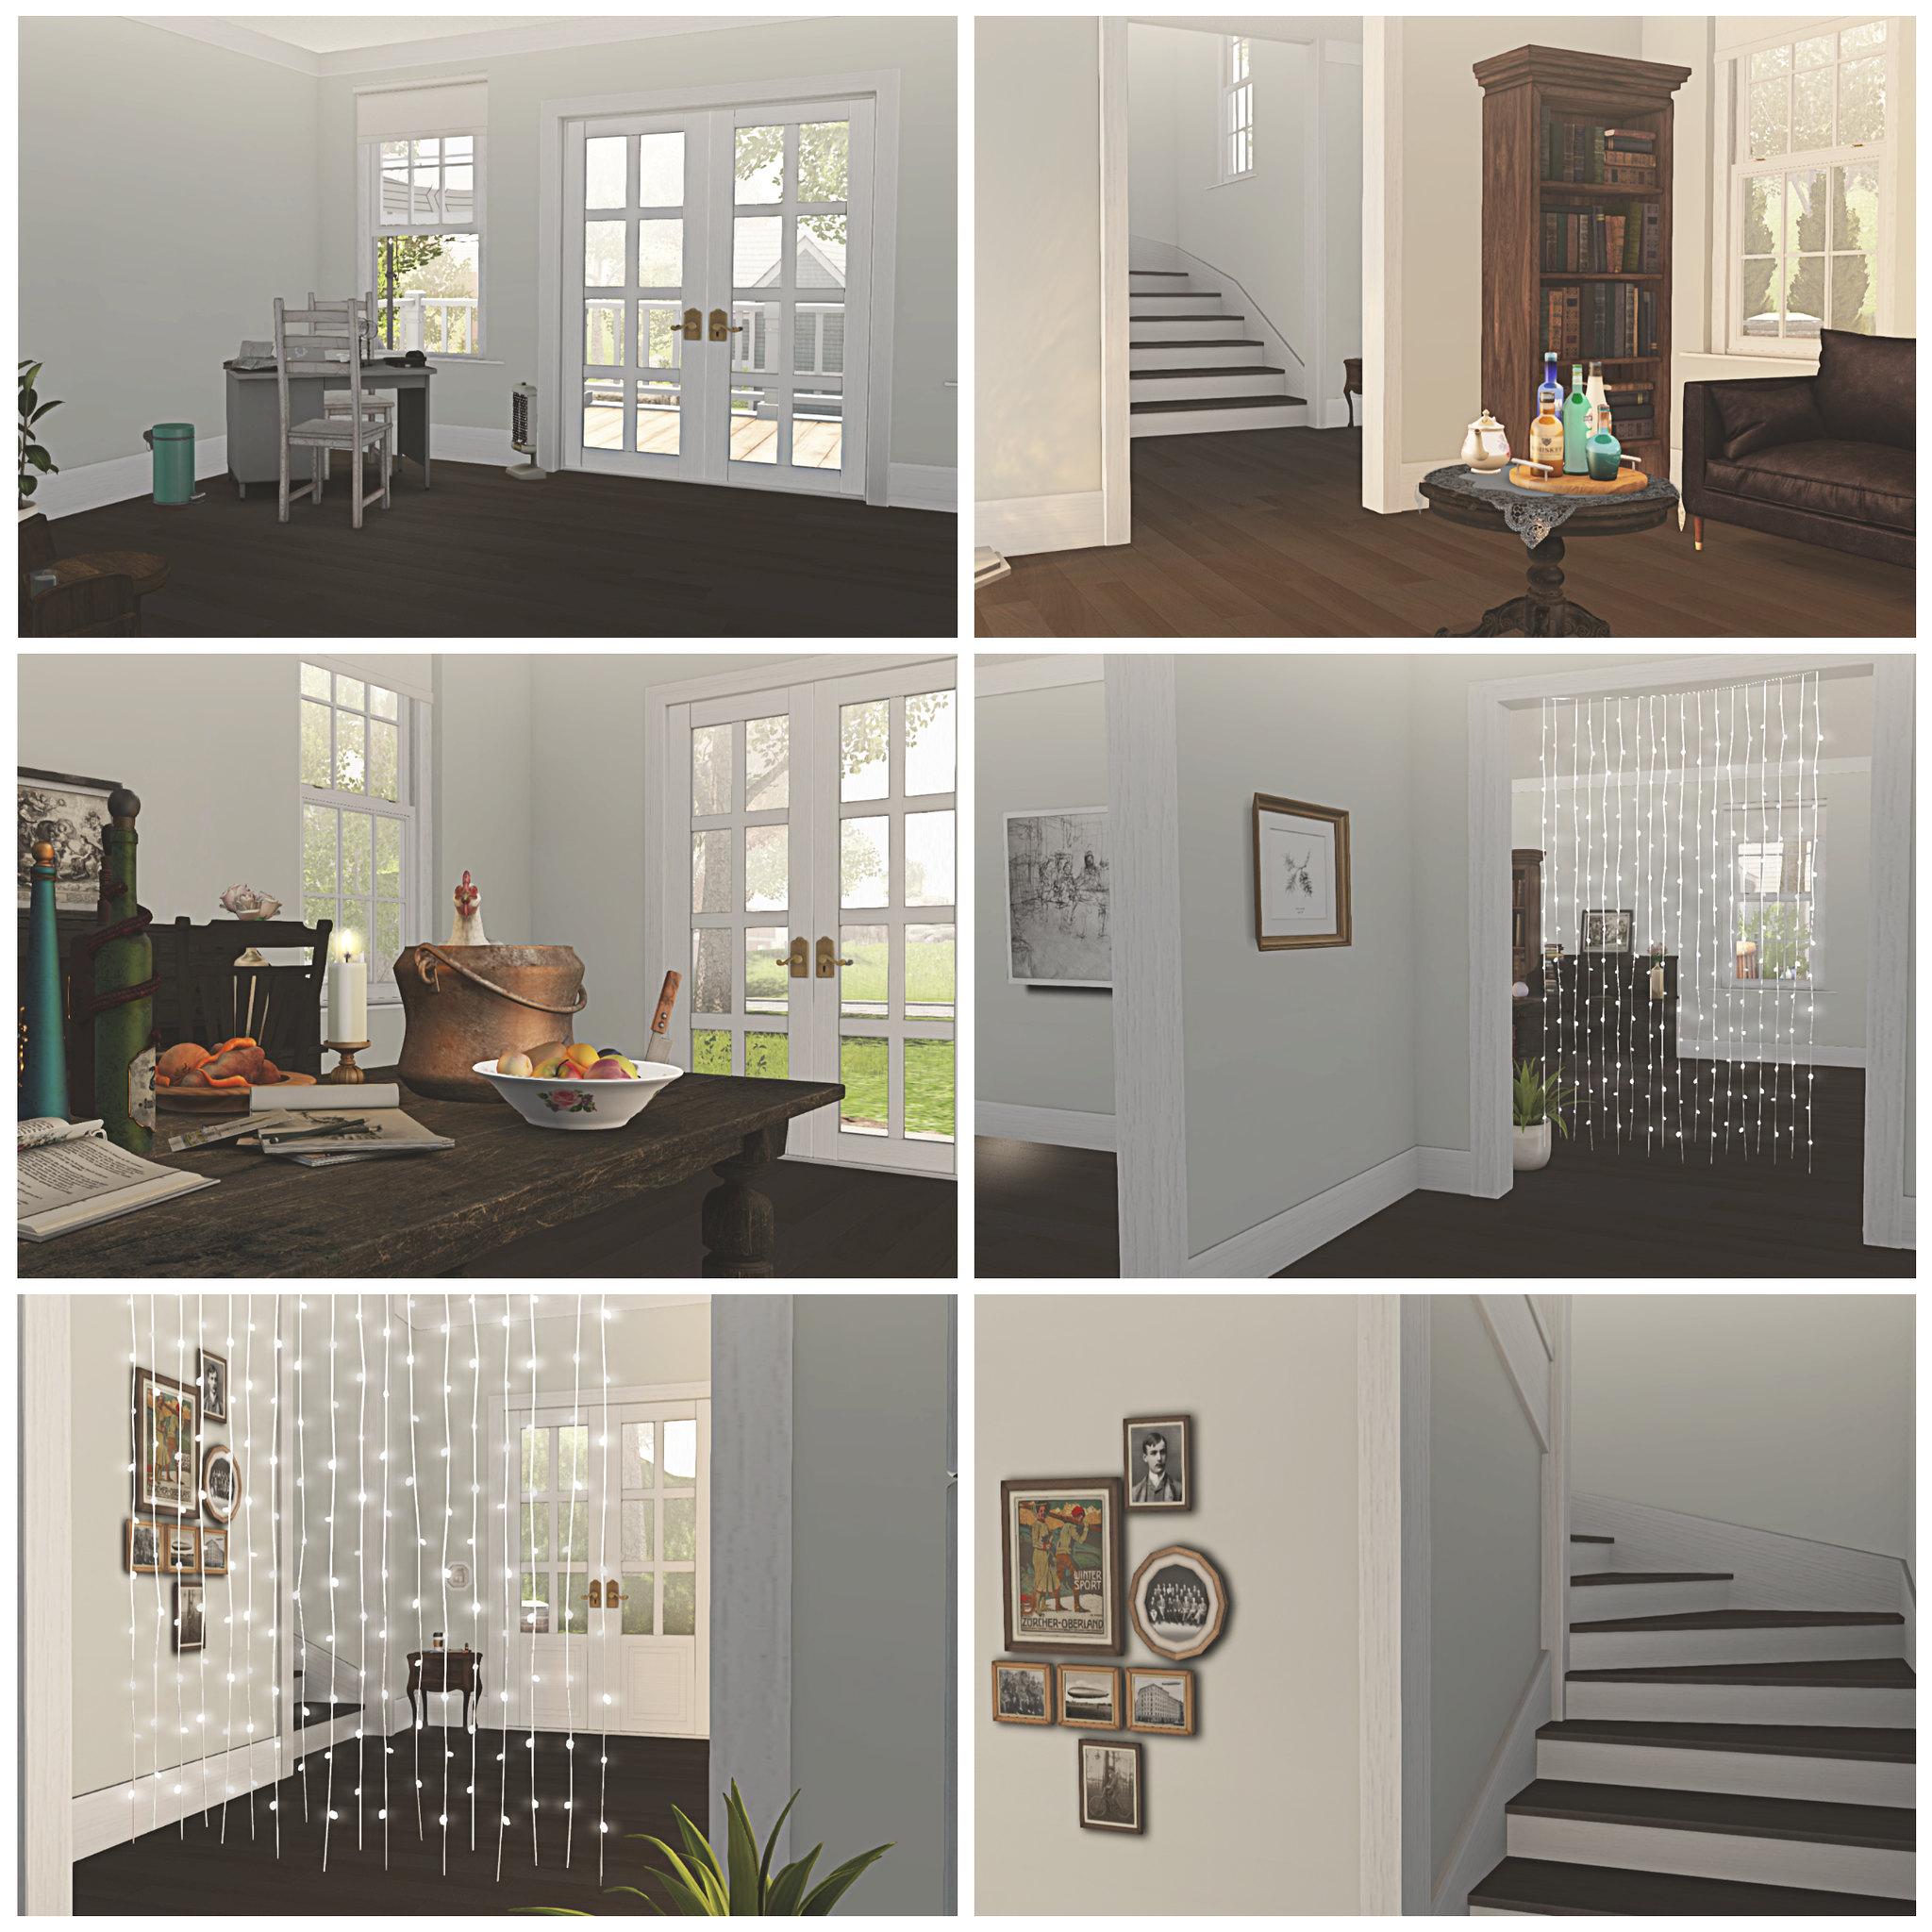 New Linden Homes